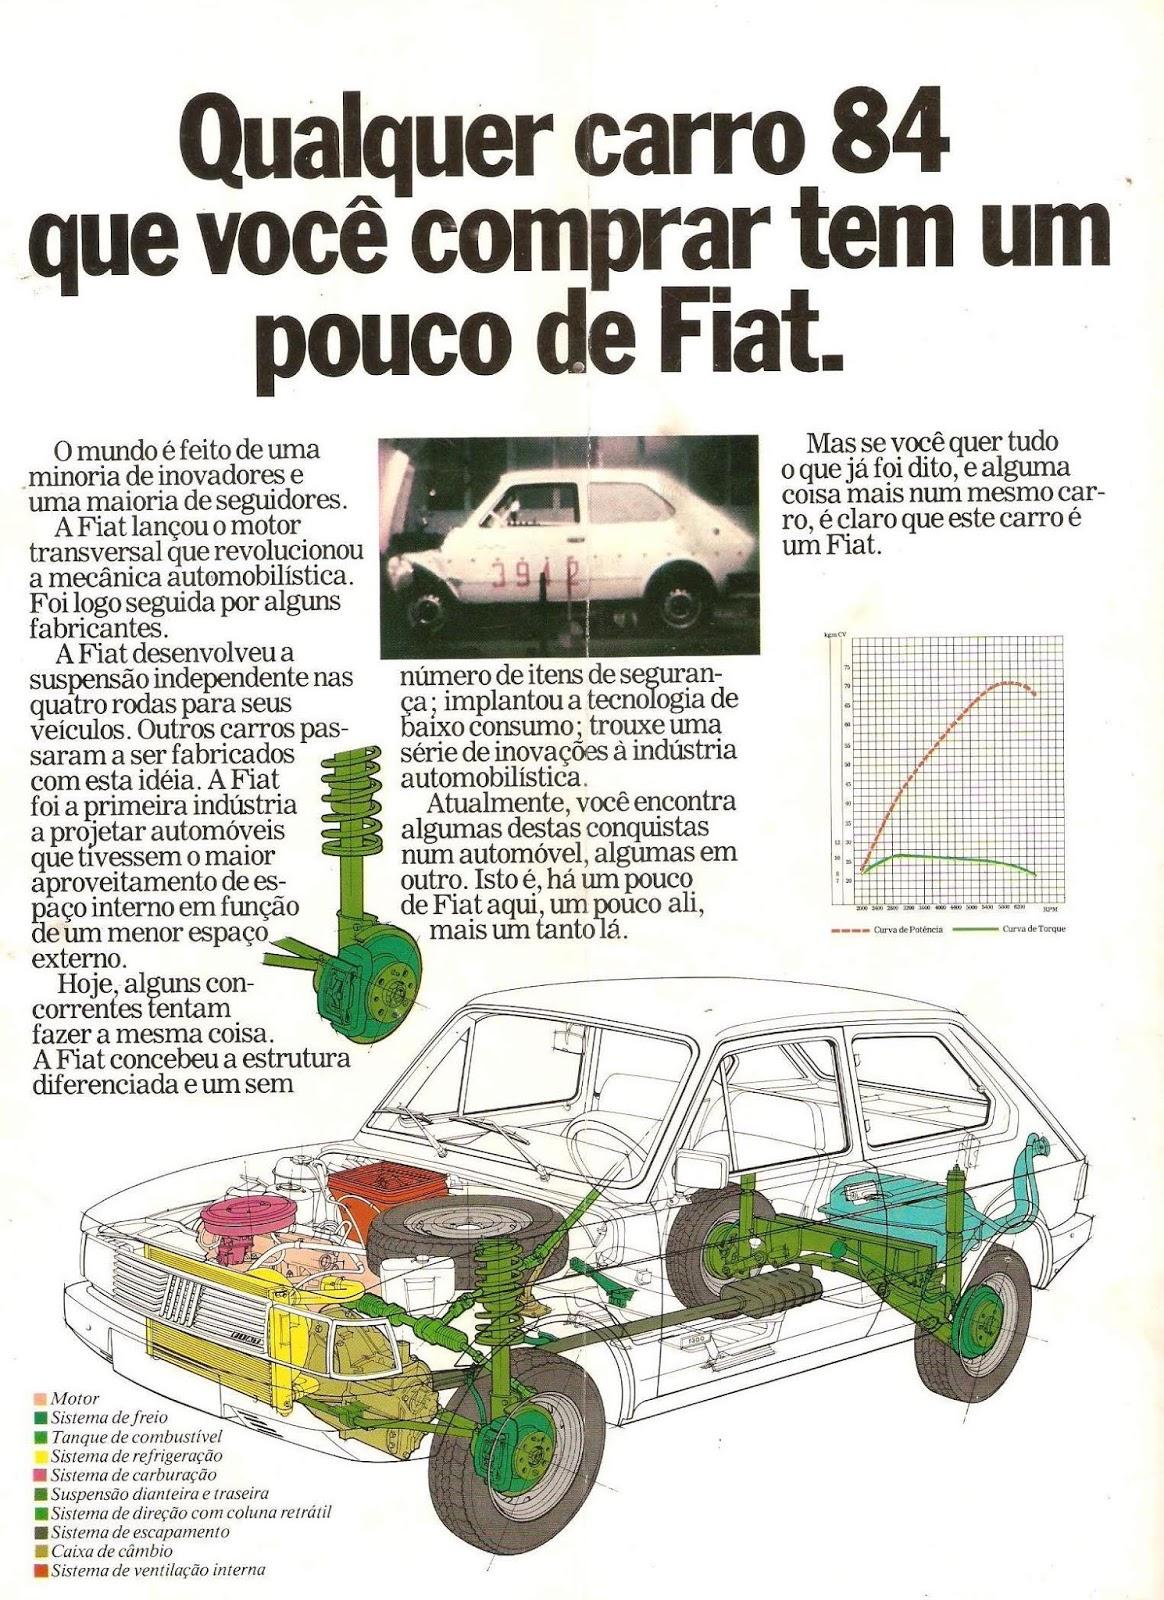 Campanha da Fiat em 1984 que apontava as inovações dos automóveis produzidos naquele período